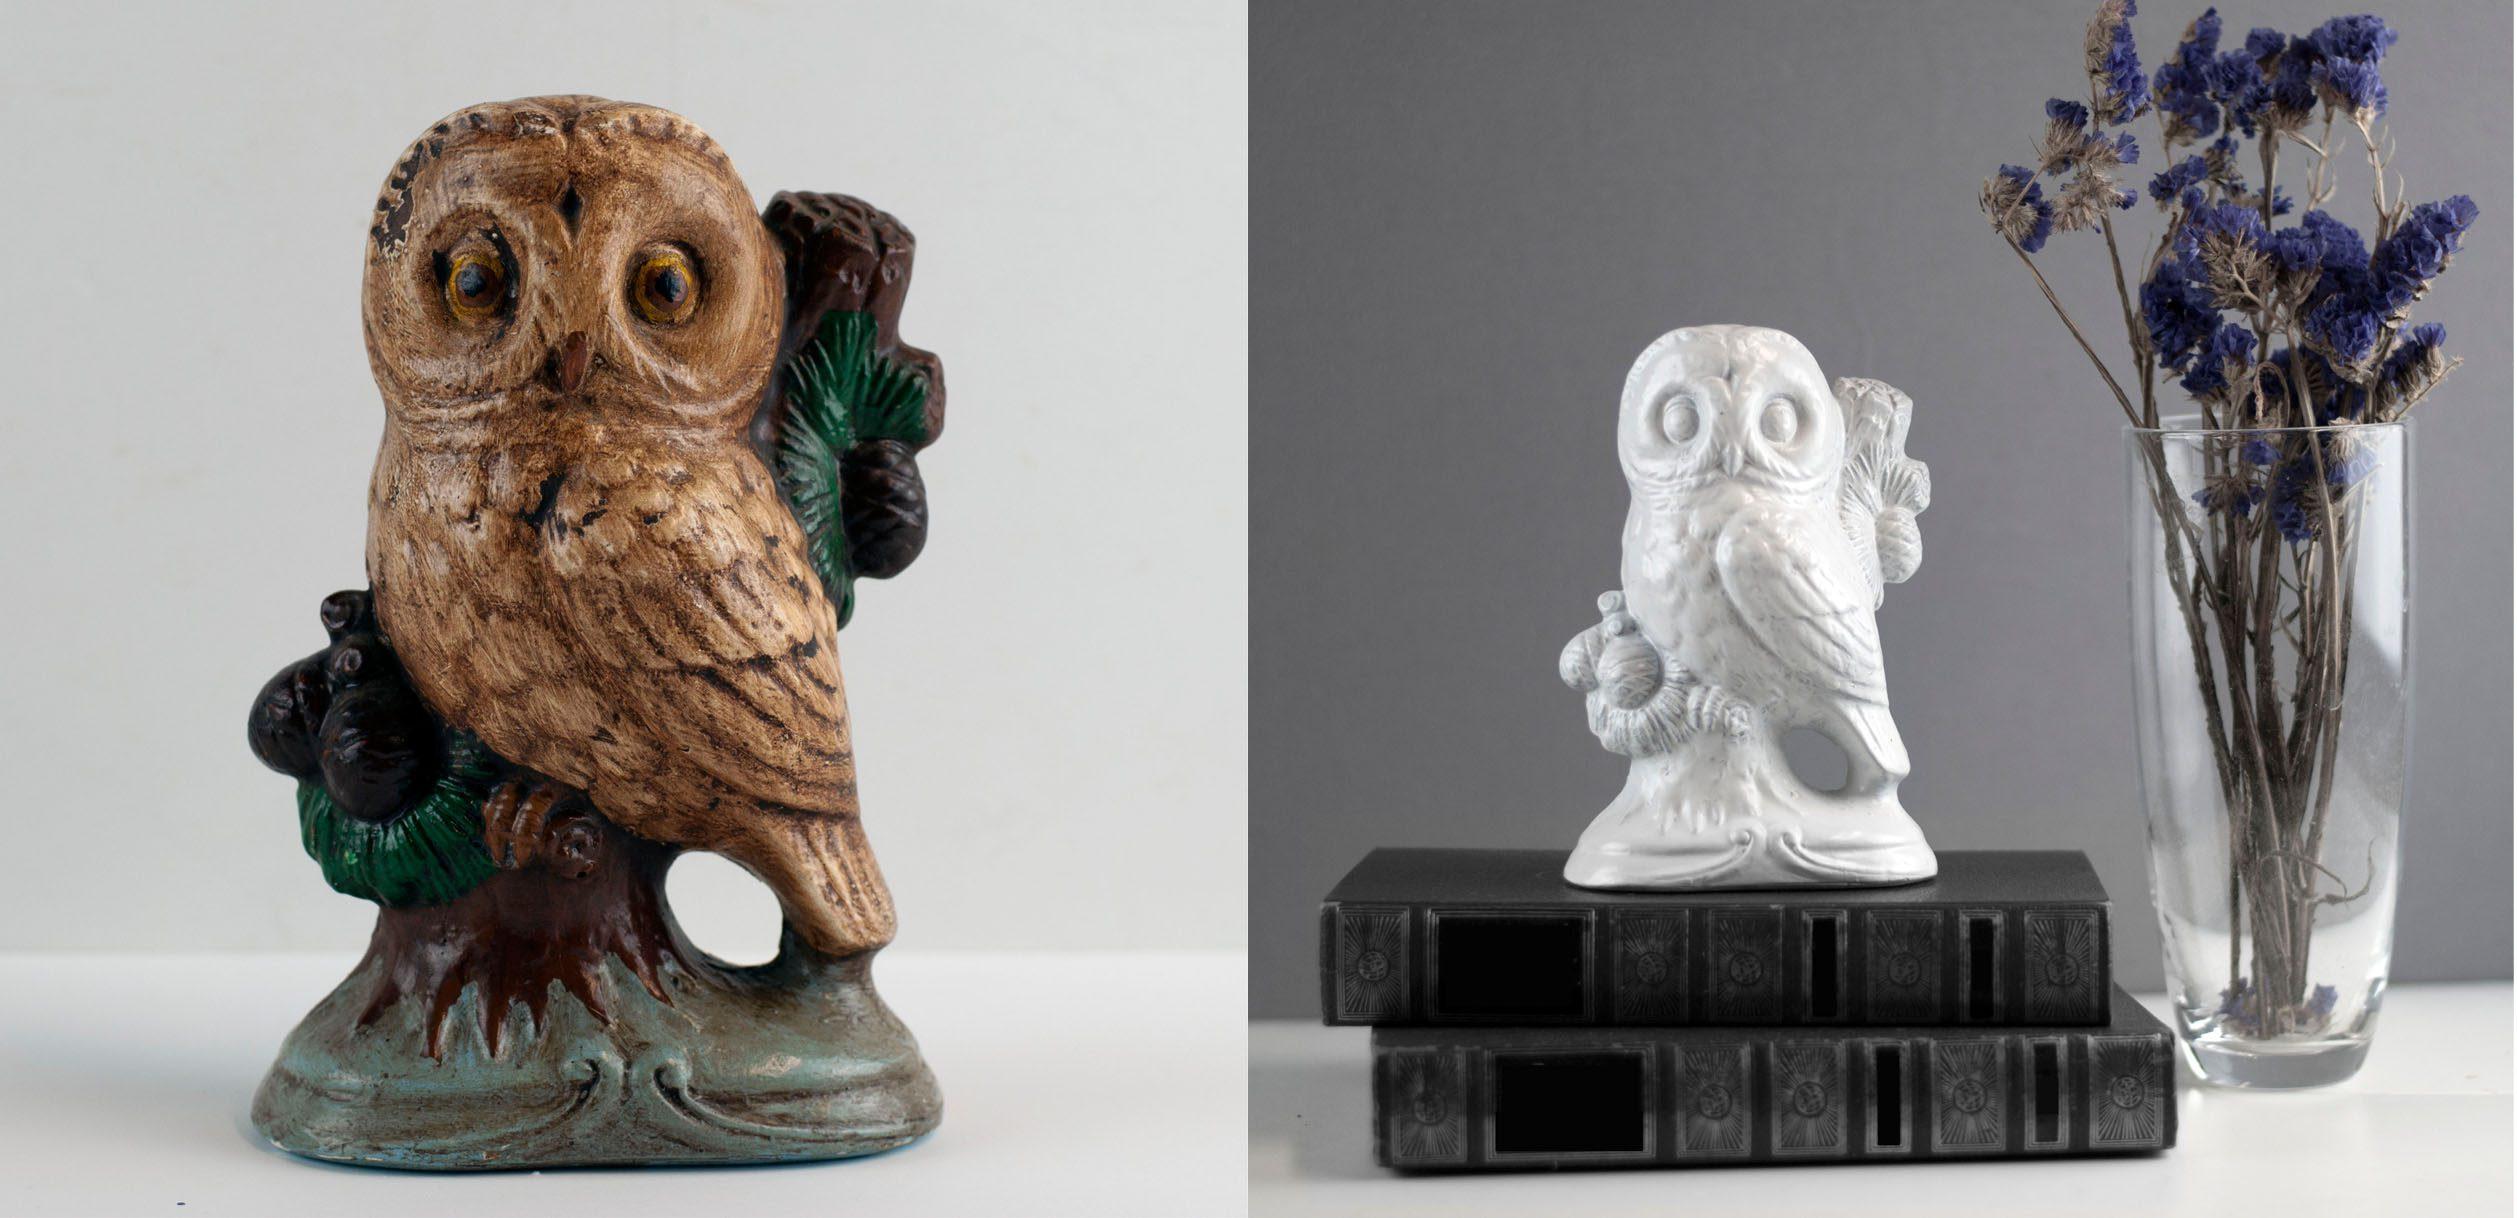 ceramic owl update